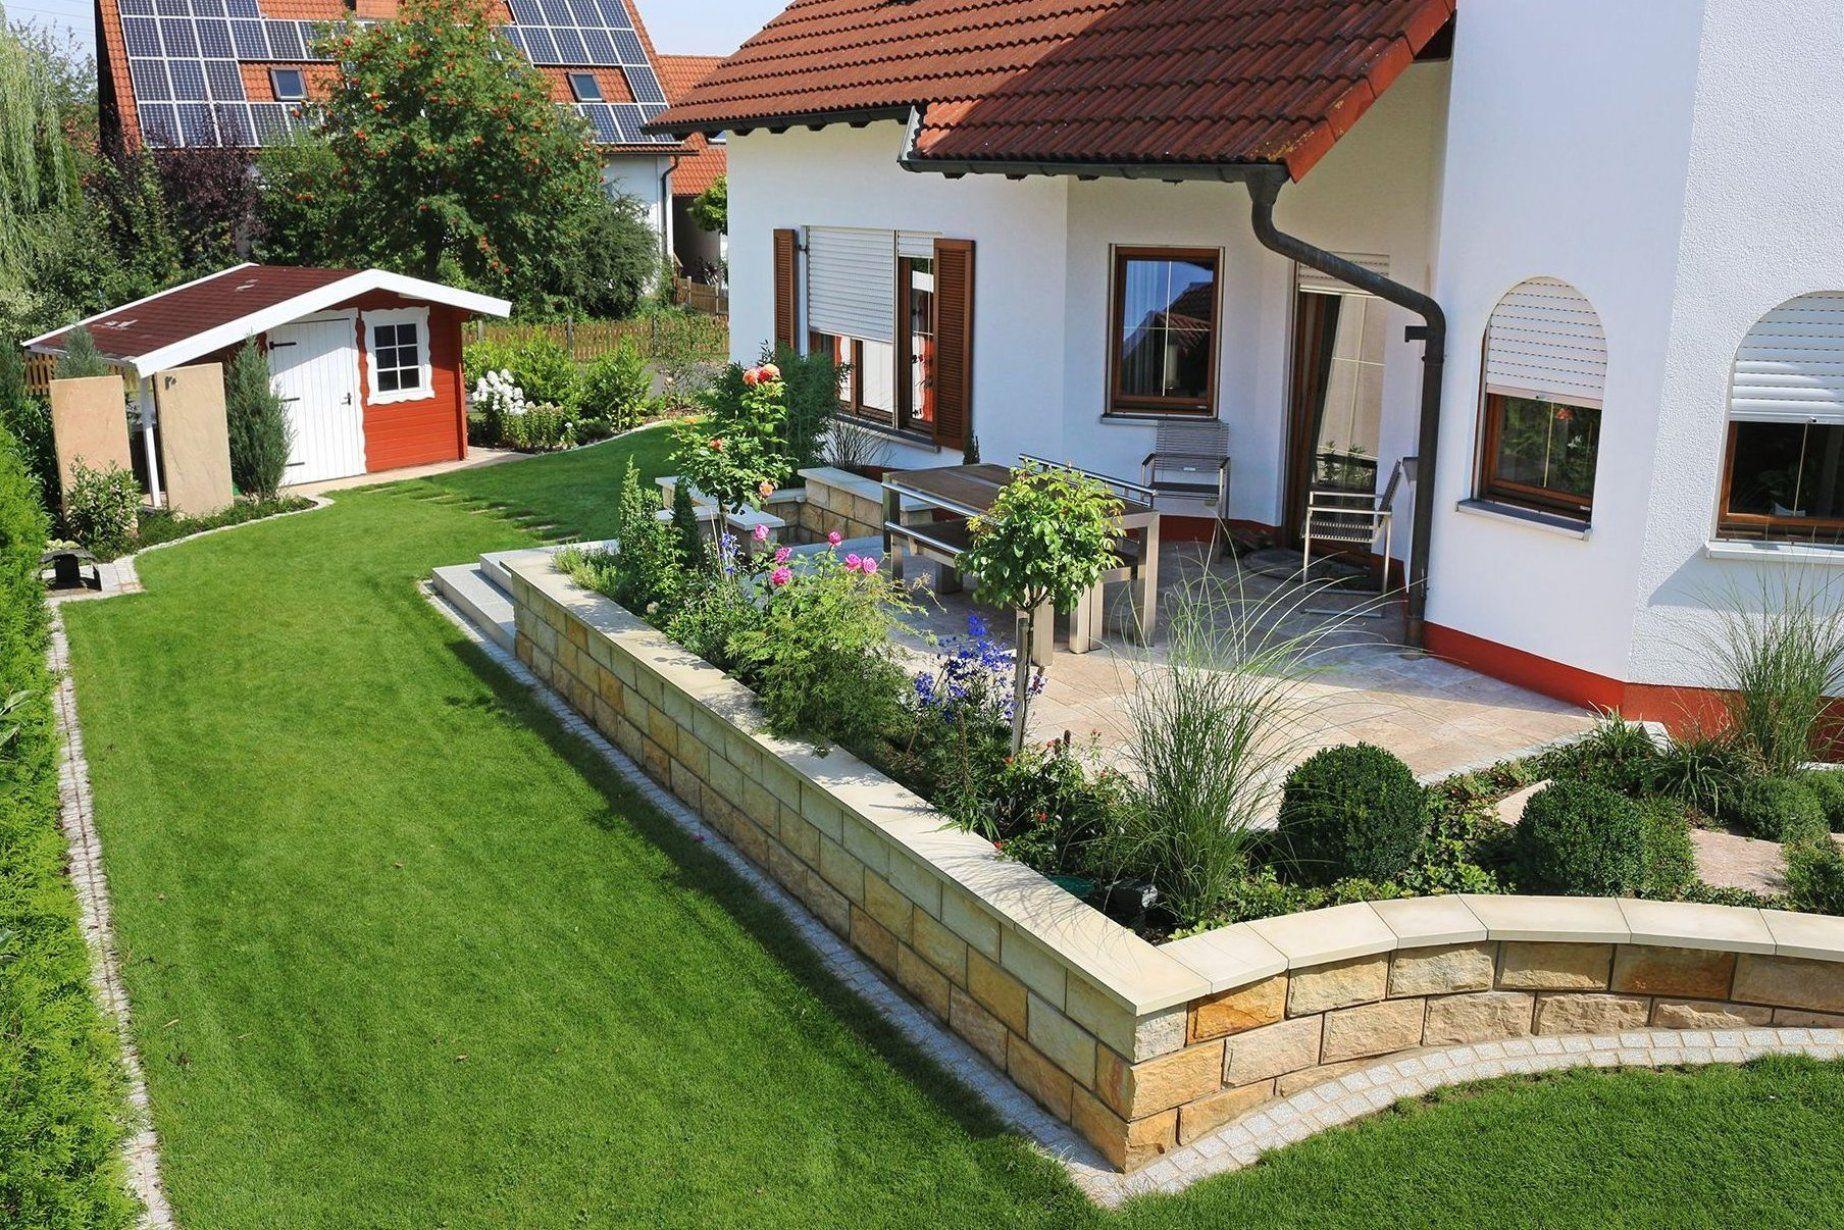 Gartenbau Der Gartenbaumeister Meisterbetrieb F R Entspannung Im Gr Nen Garten Gartenideen Gartendeko Gartenanlegen In 2020 Horticulture Patio Garden Paths